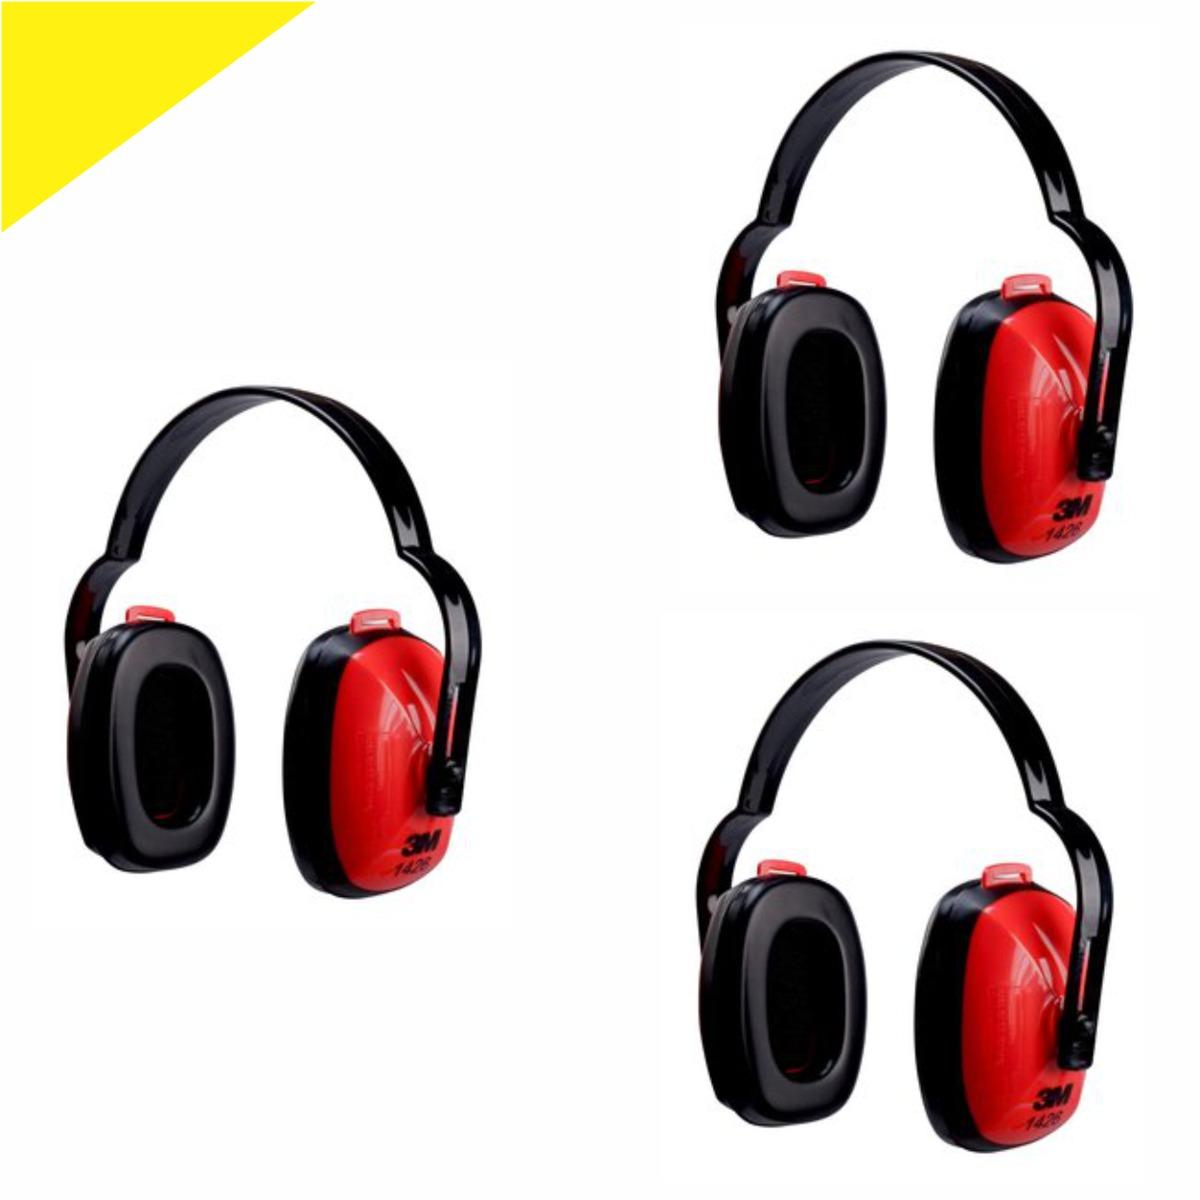 Protetor Auricular Tipo Concha 3m 1426 C 3 Peças Kit - R  99,00 em ... 5e74e83098